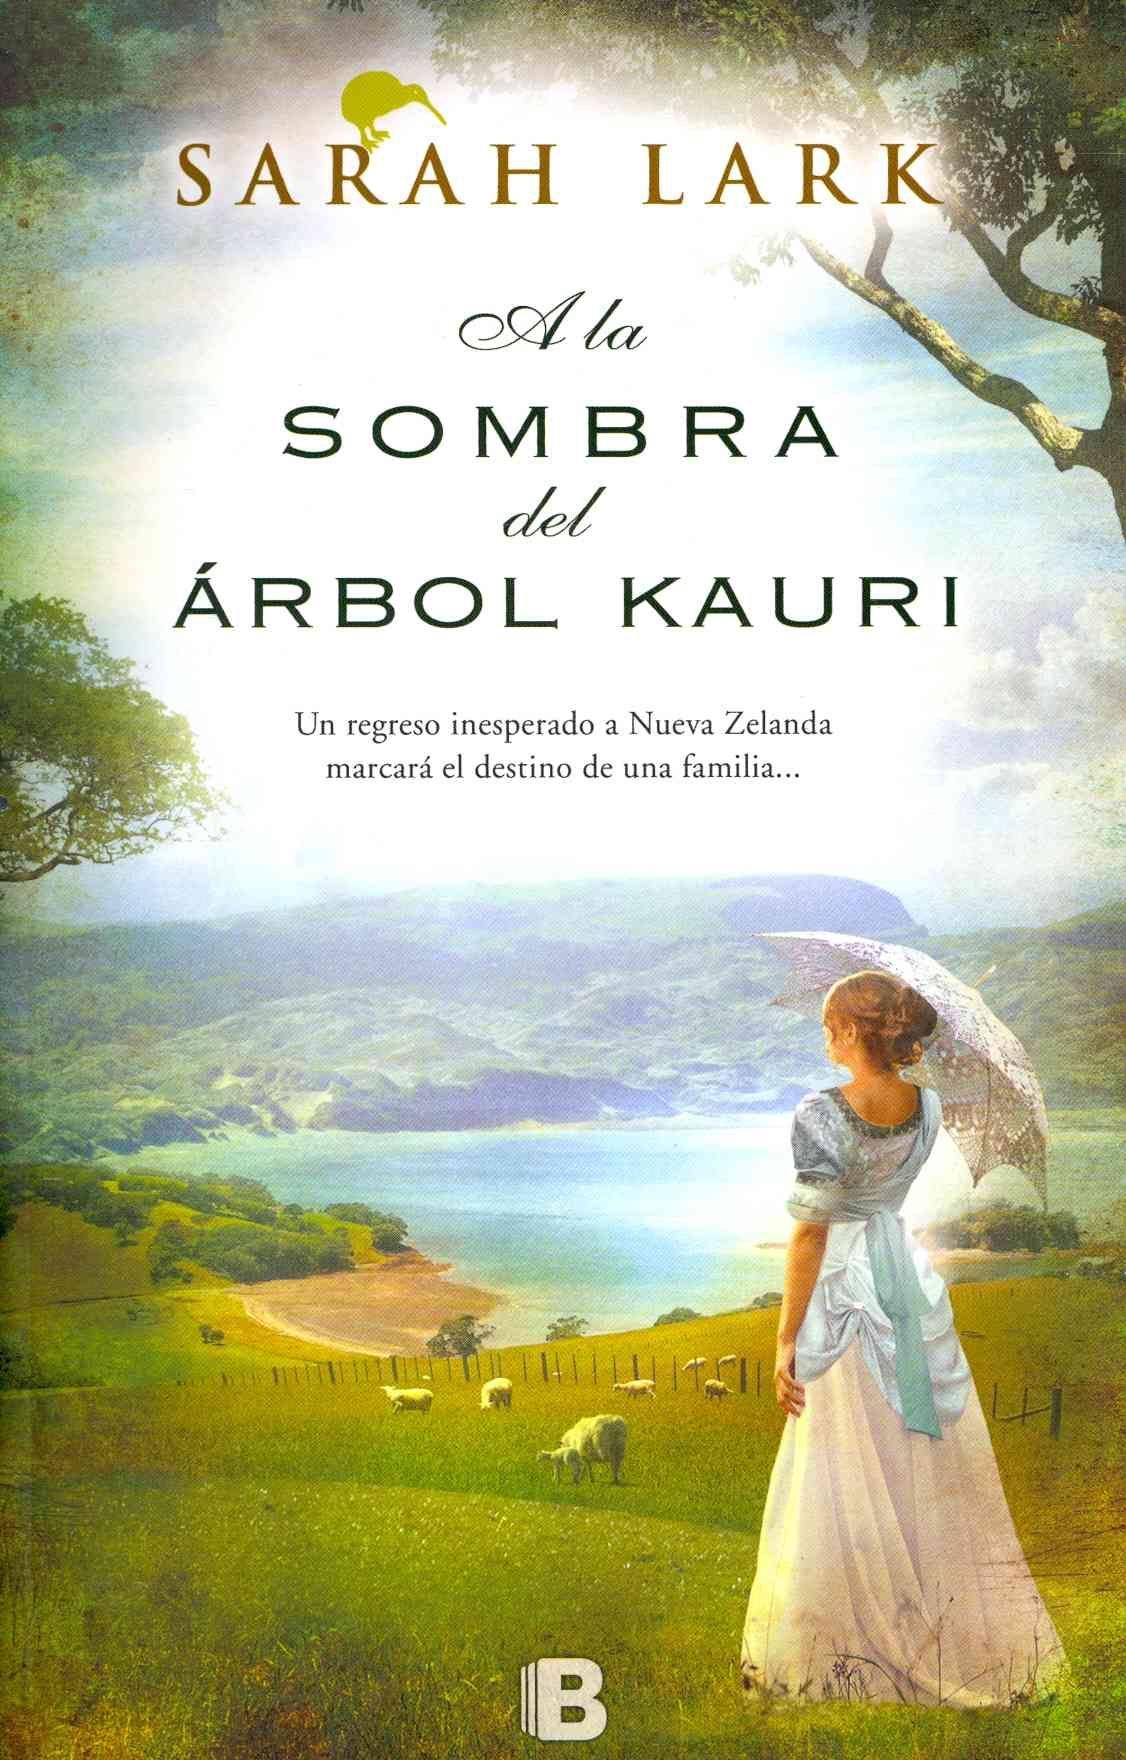 A La Sombra Del Arbol Kauri In The Shade Of The Kauri Tree Paperback Overstock Com Shopping The Best De Descargar Libros En Pdf Libros Libros Para Leer